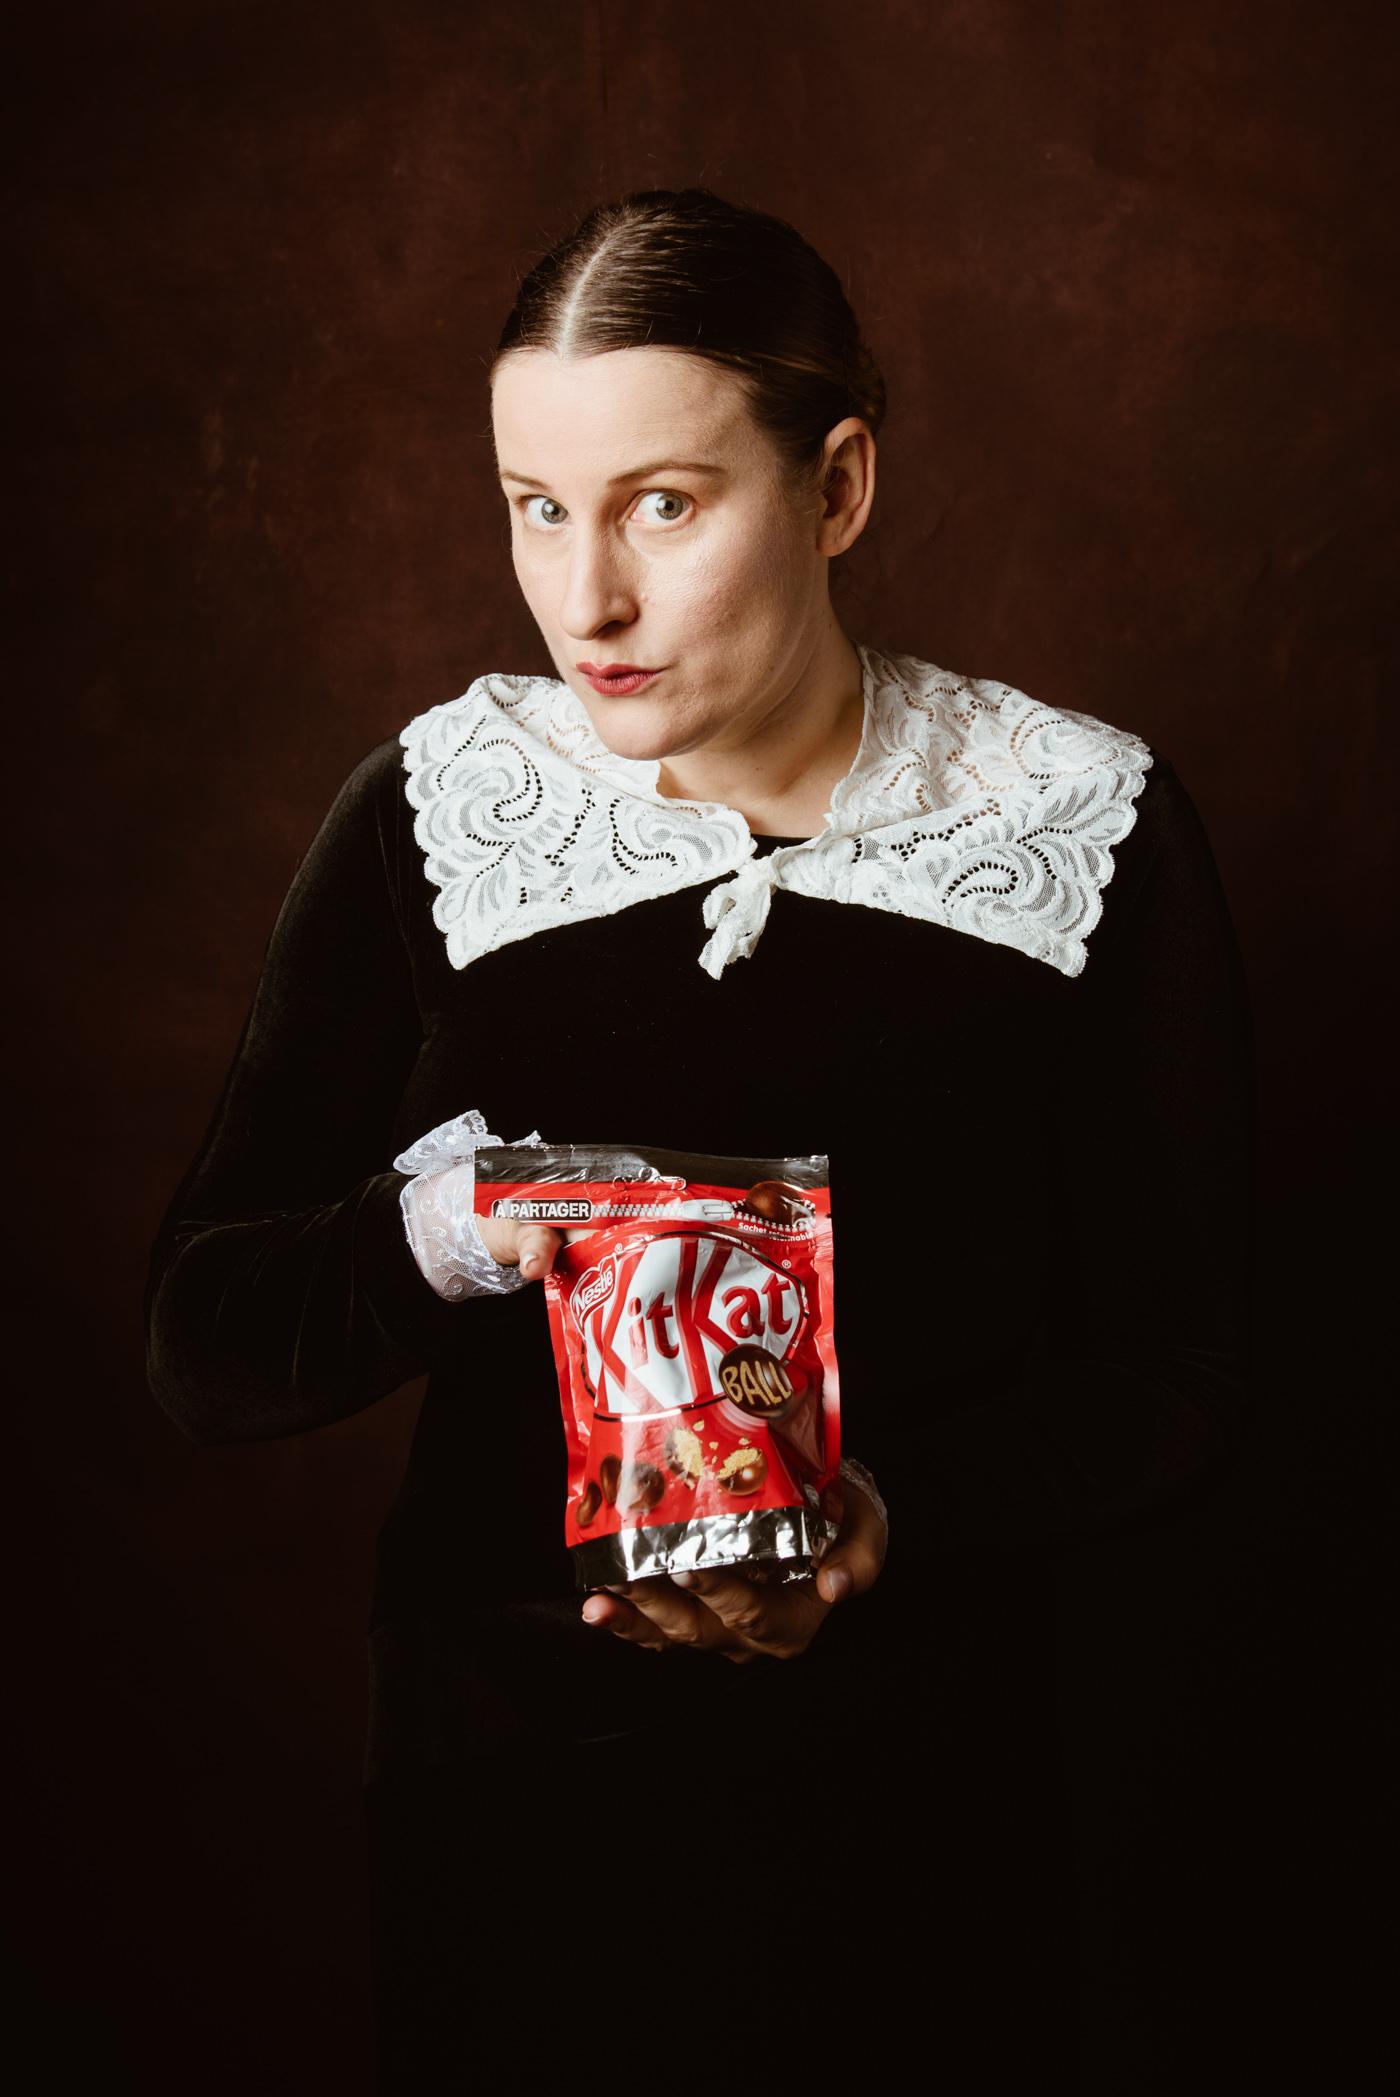 une femme de style renaissance mange des kit kat balls